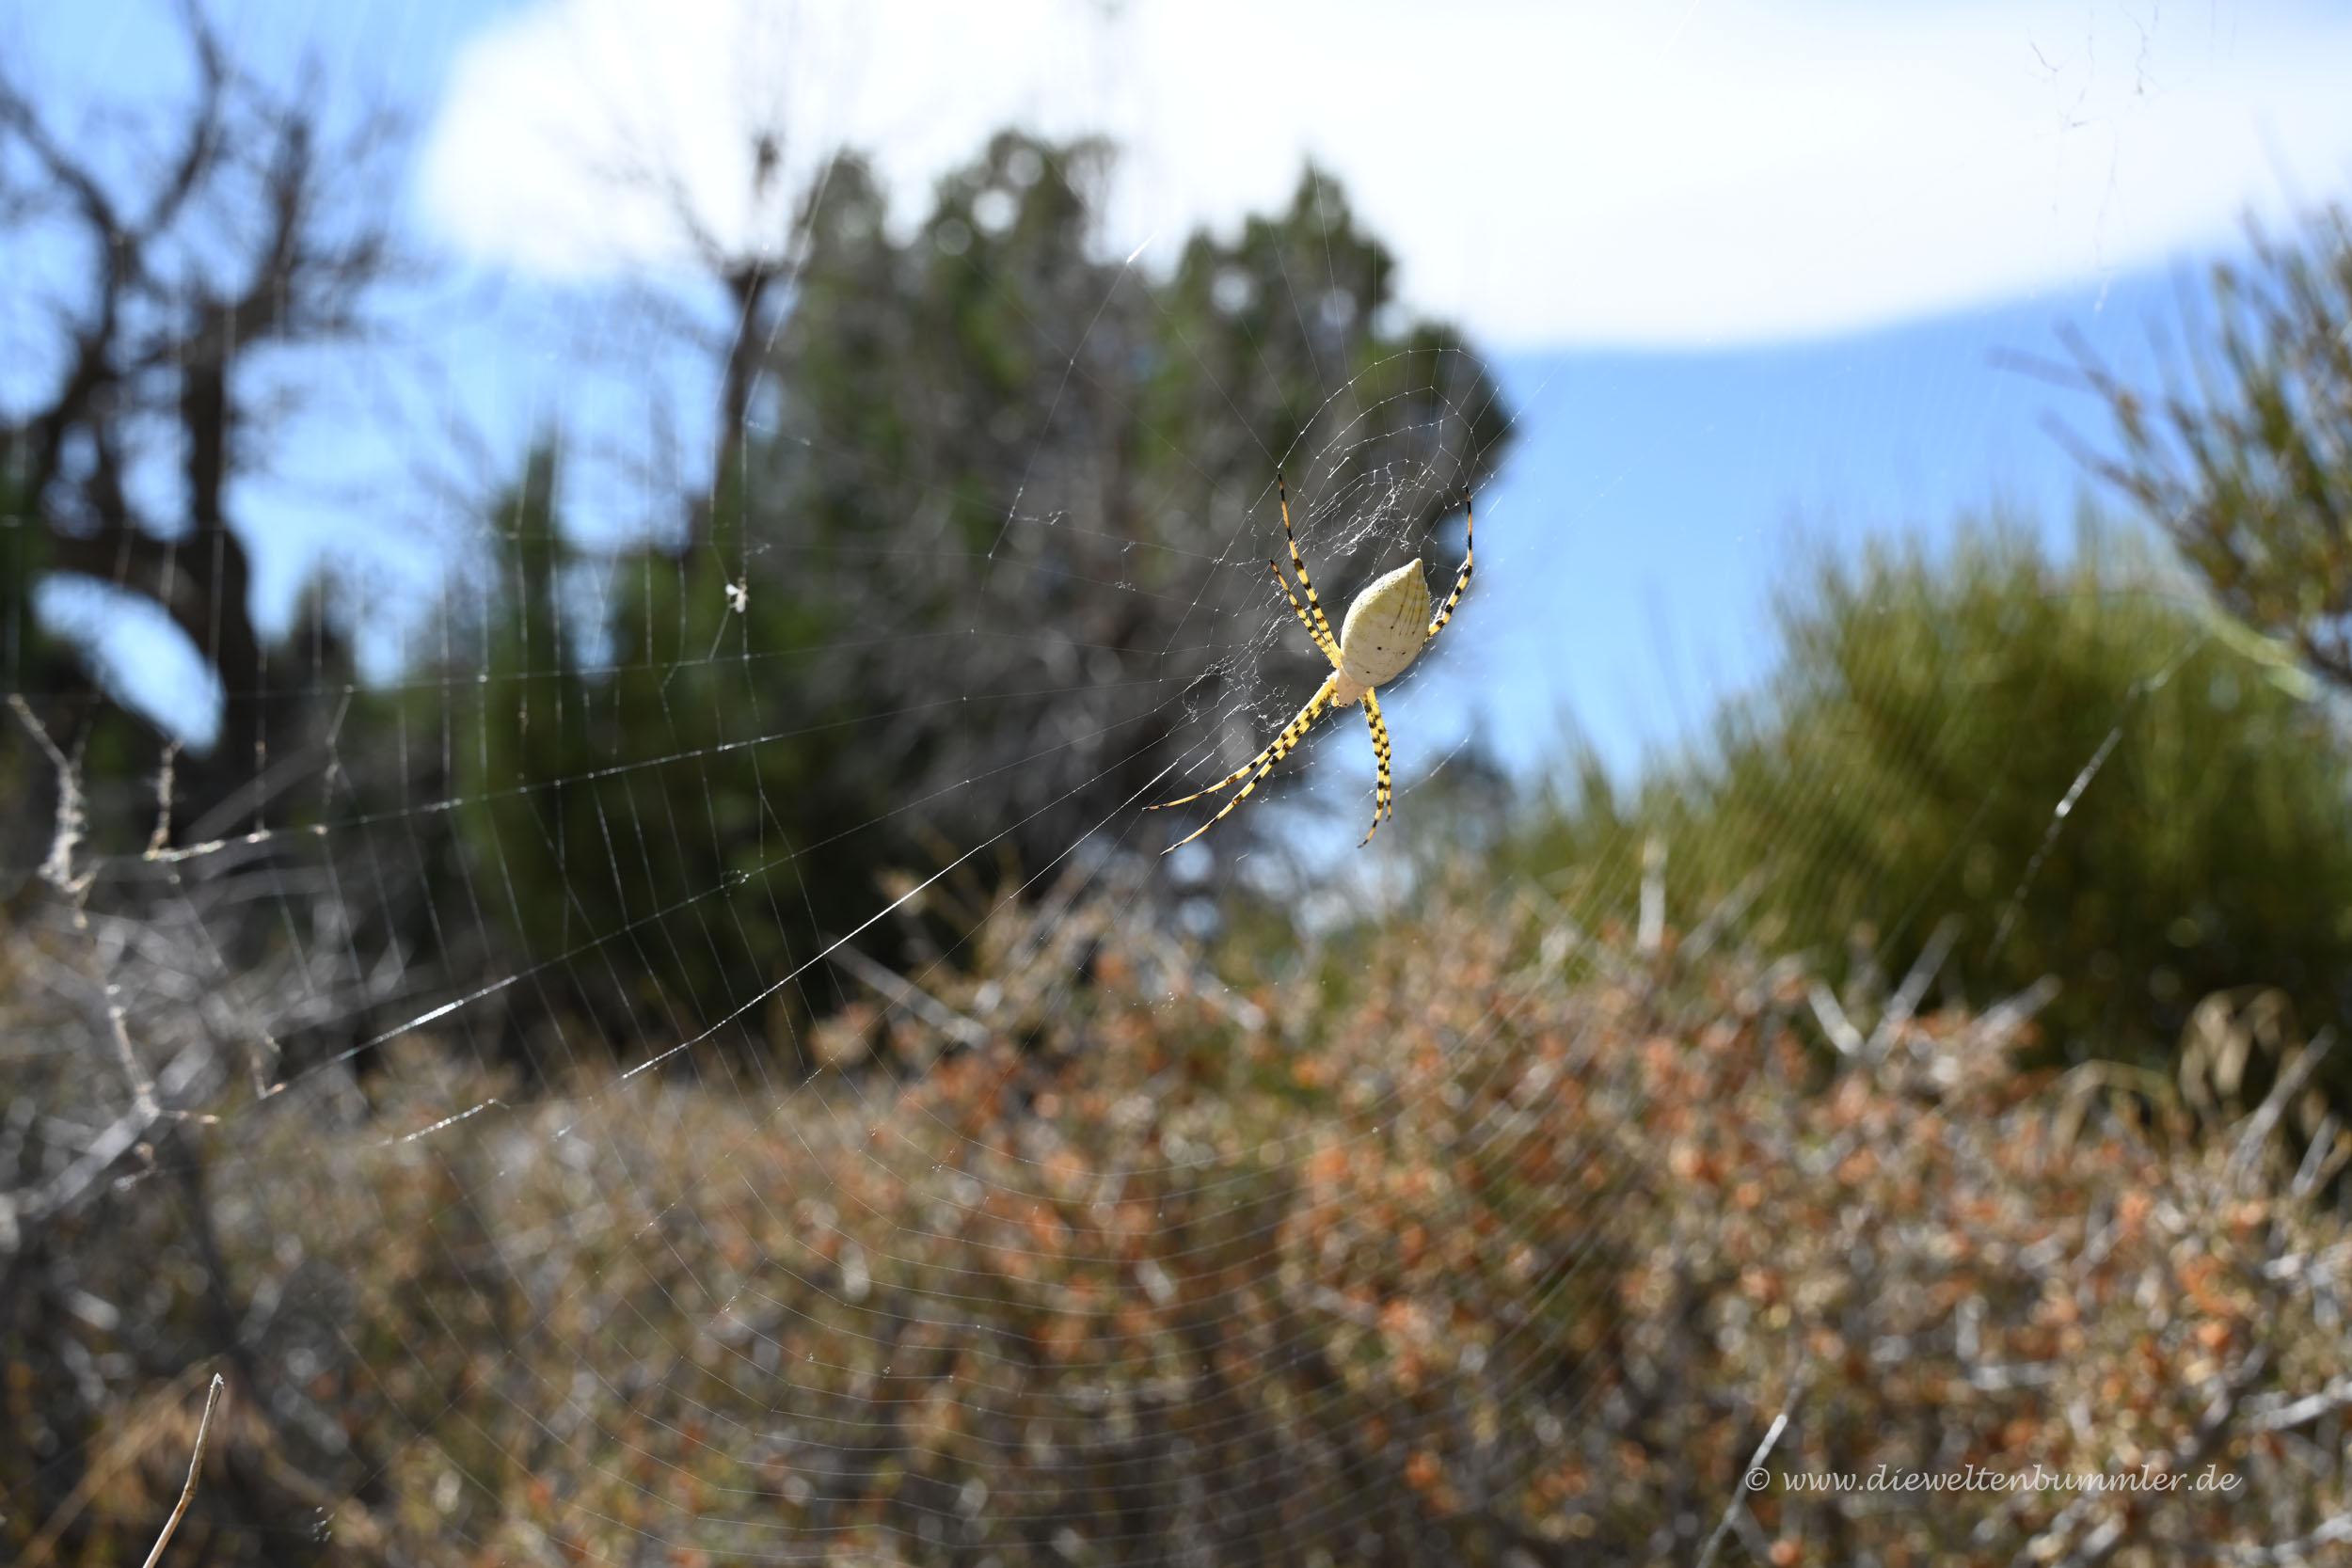 Große gelbe Spinne